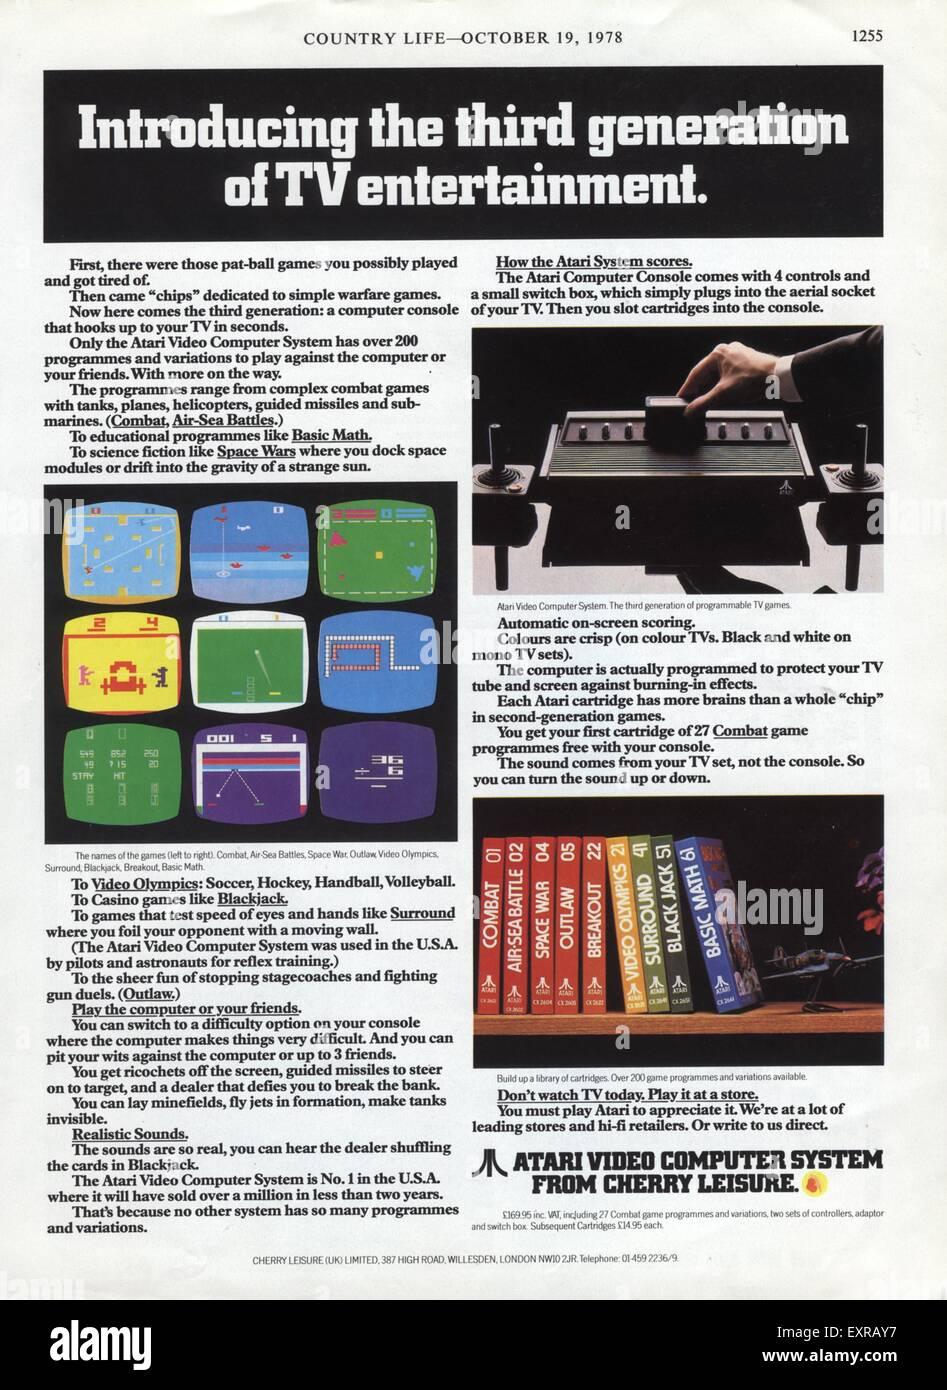 1970s UK Atari Magazine Advert Stock Photo: 85336027 - Alamy